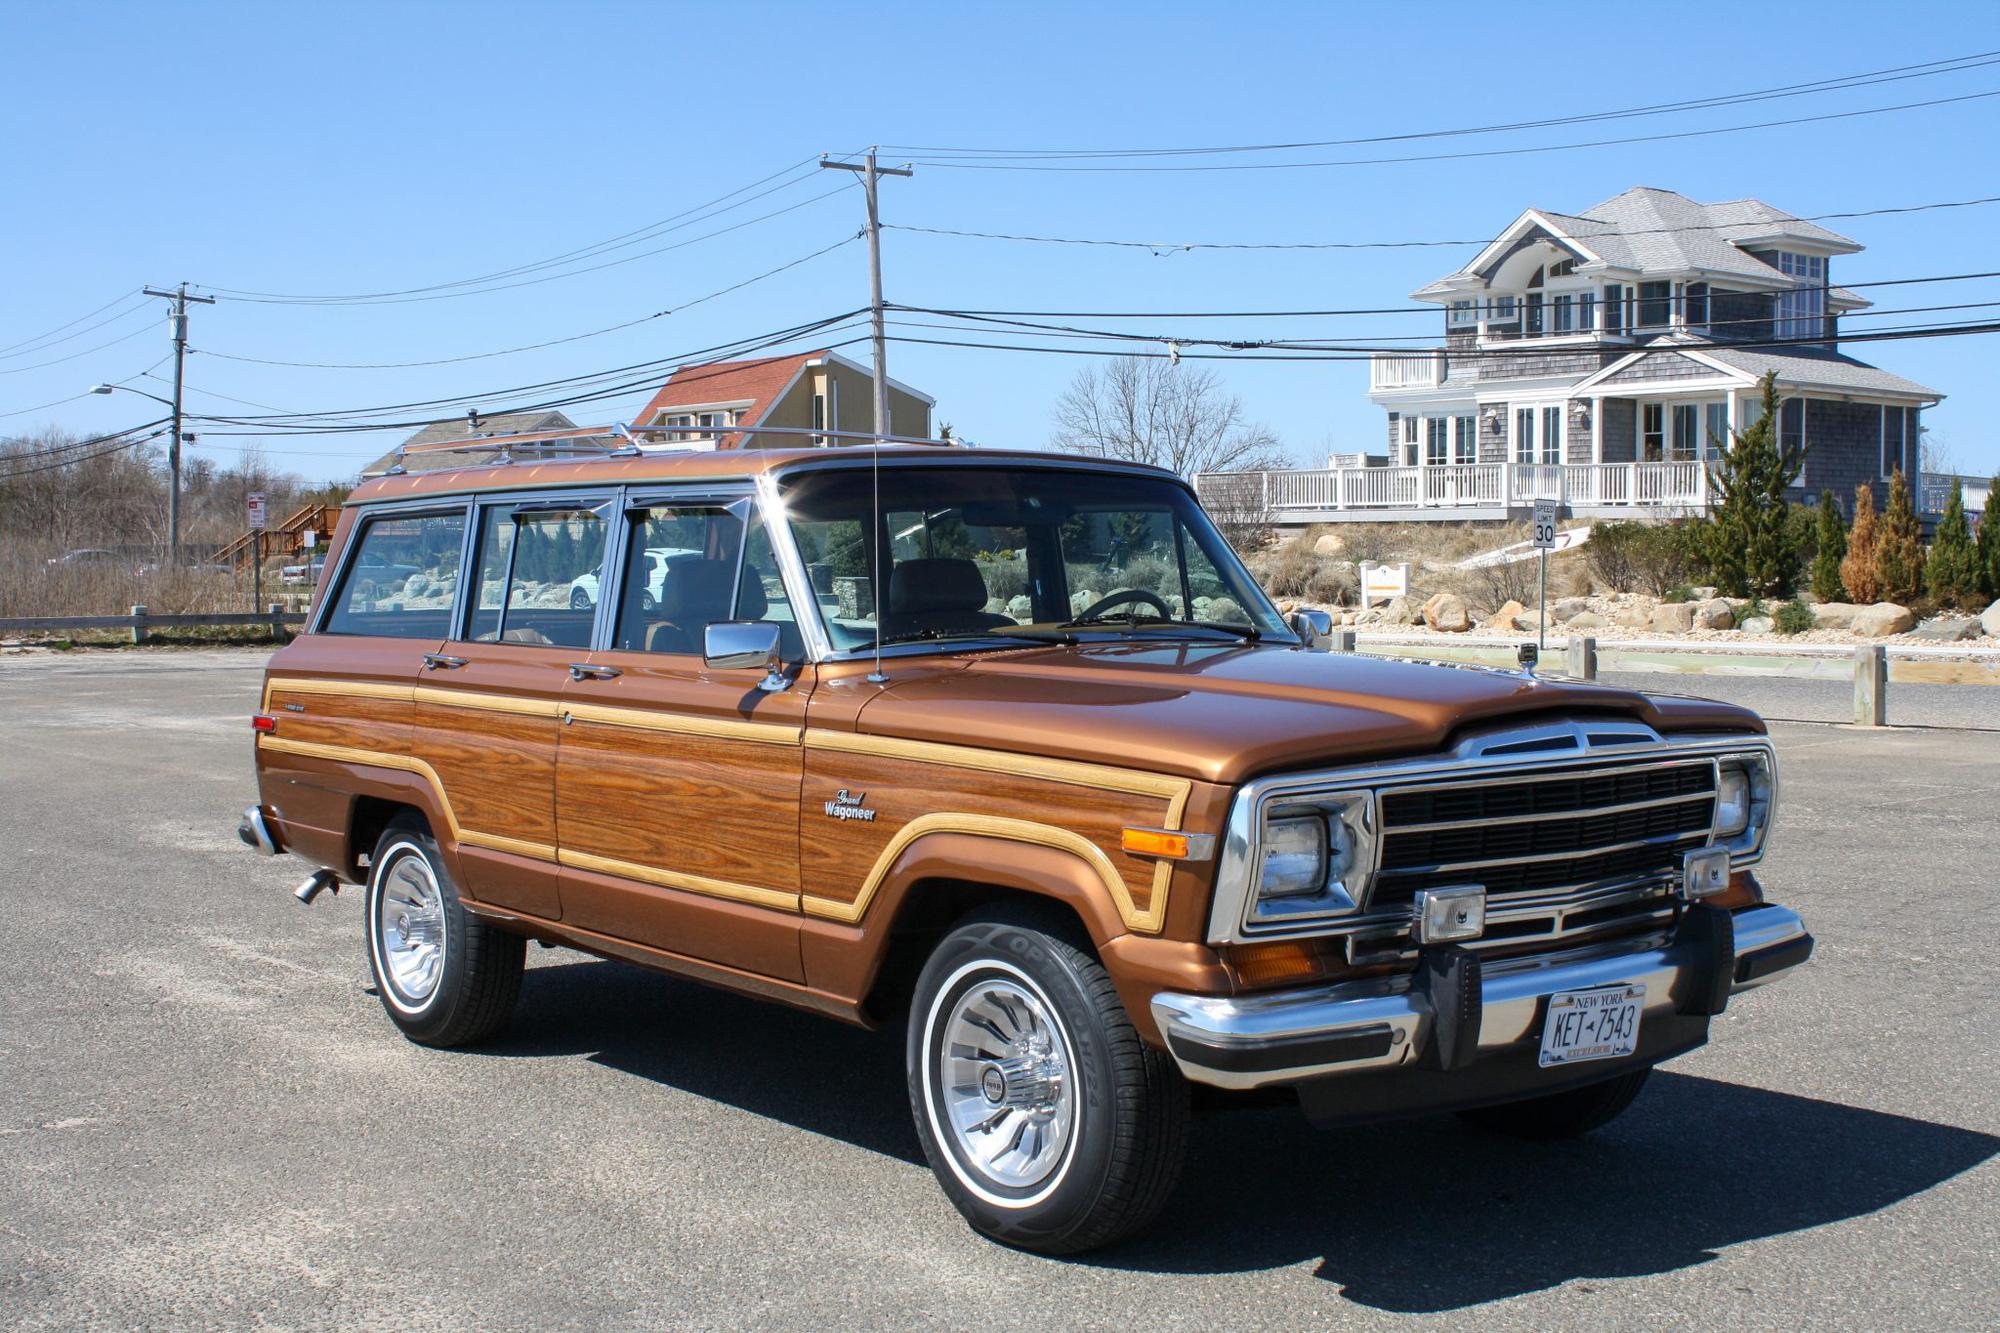 Jeep vừa hồi sinh dòng Wagoneer ốp gỗ cổ điển sau 30 năm - Ảnh 2.